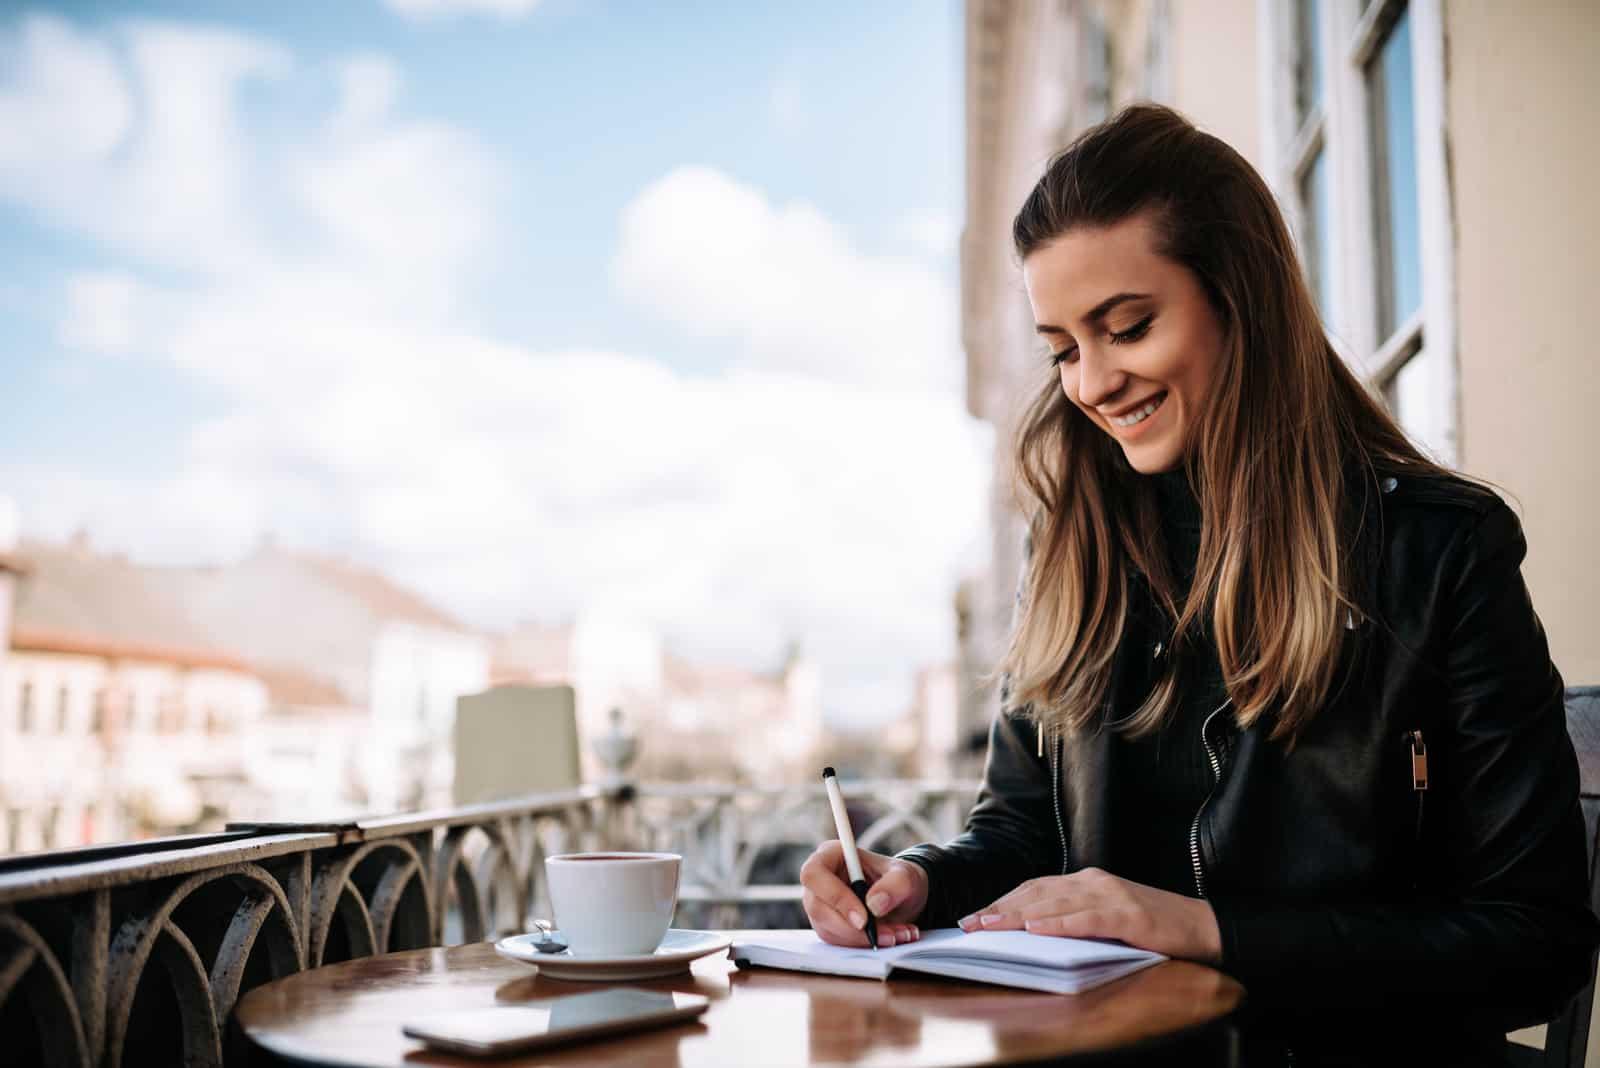 une femme souriante est assise à une table et écrit